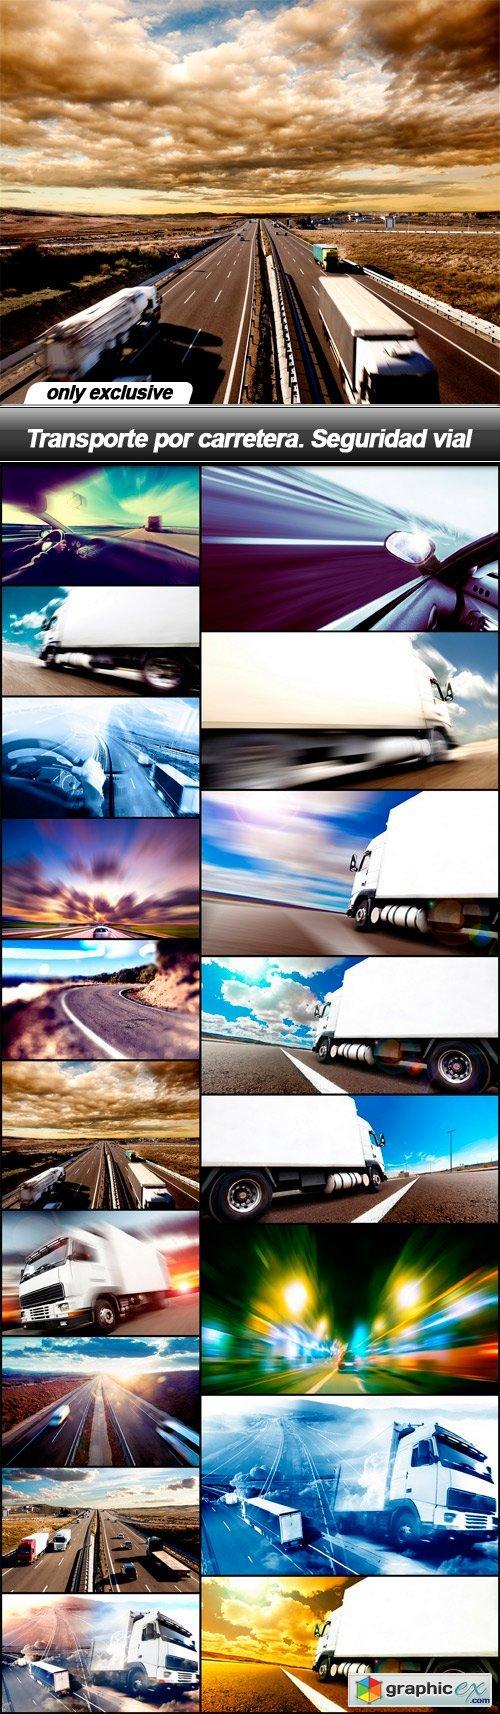 Transporte por carretera. Seguridad vial - 18 UHQ JPEG